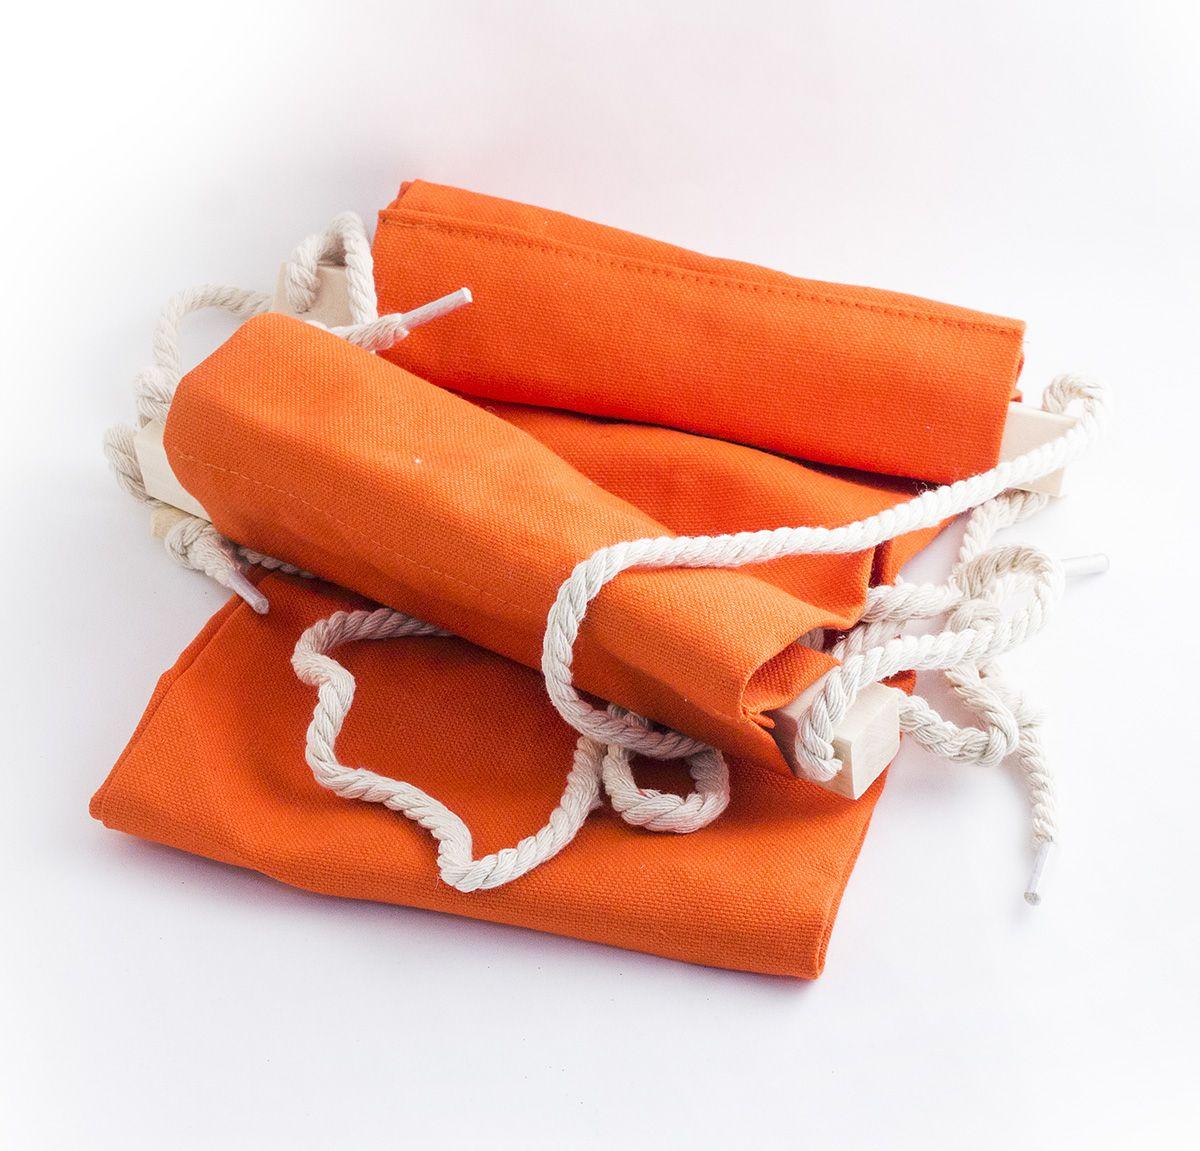 Гамак для ног Эврика, цвет: оранжевый, 62 х 17 х 2 см